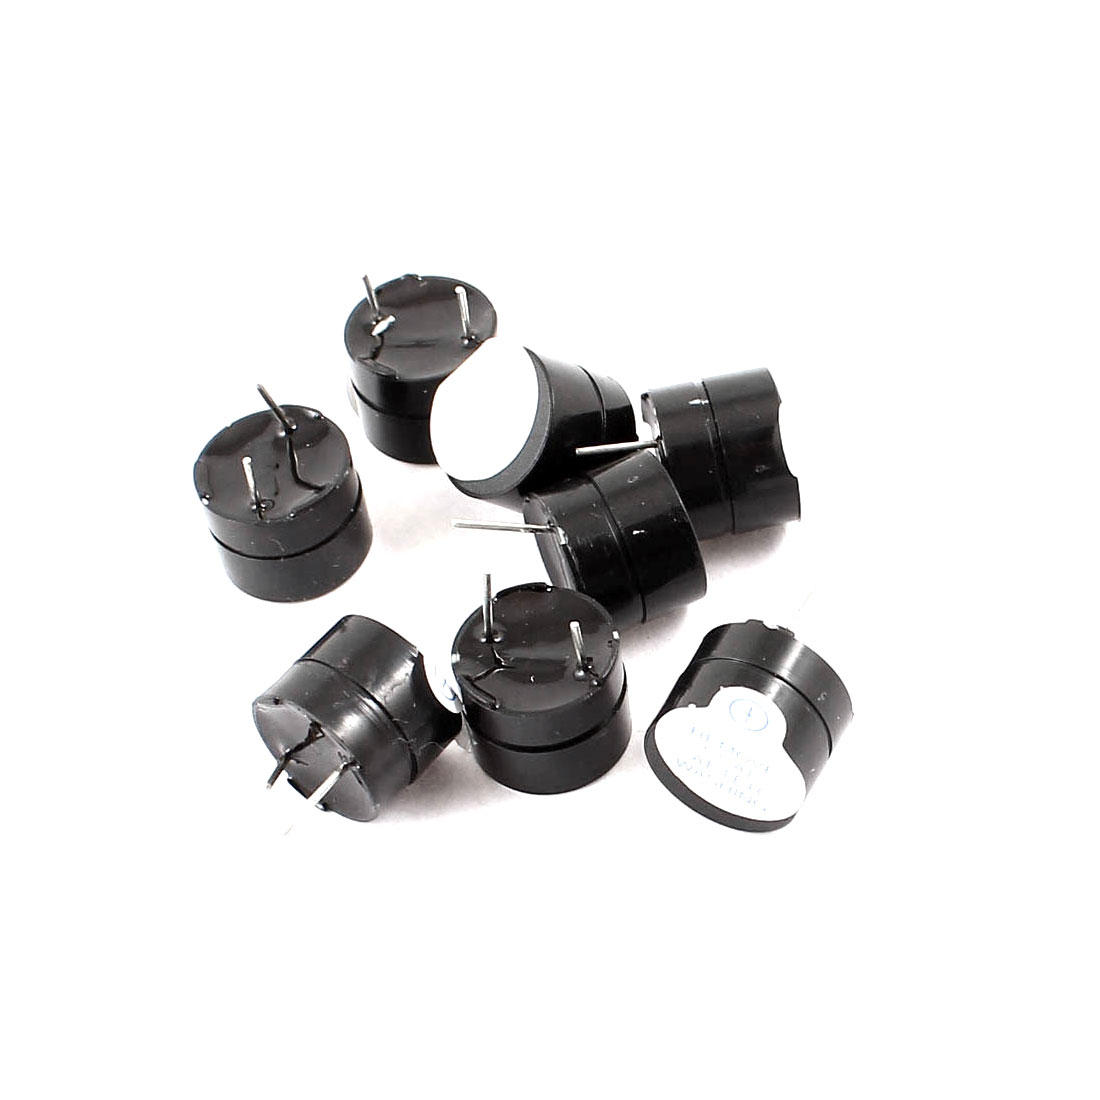 8pcs Black Industrial Electronic Continuous Sound Buzzer DC5V 12x9.5mm